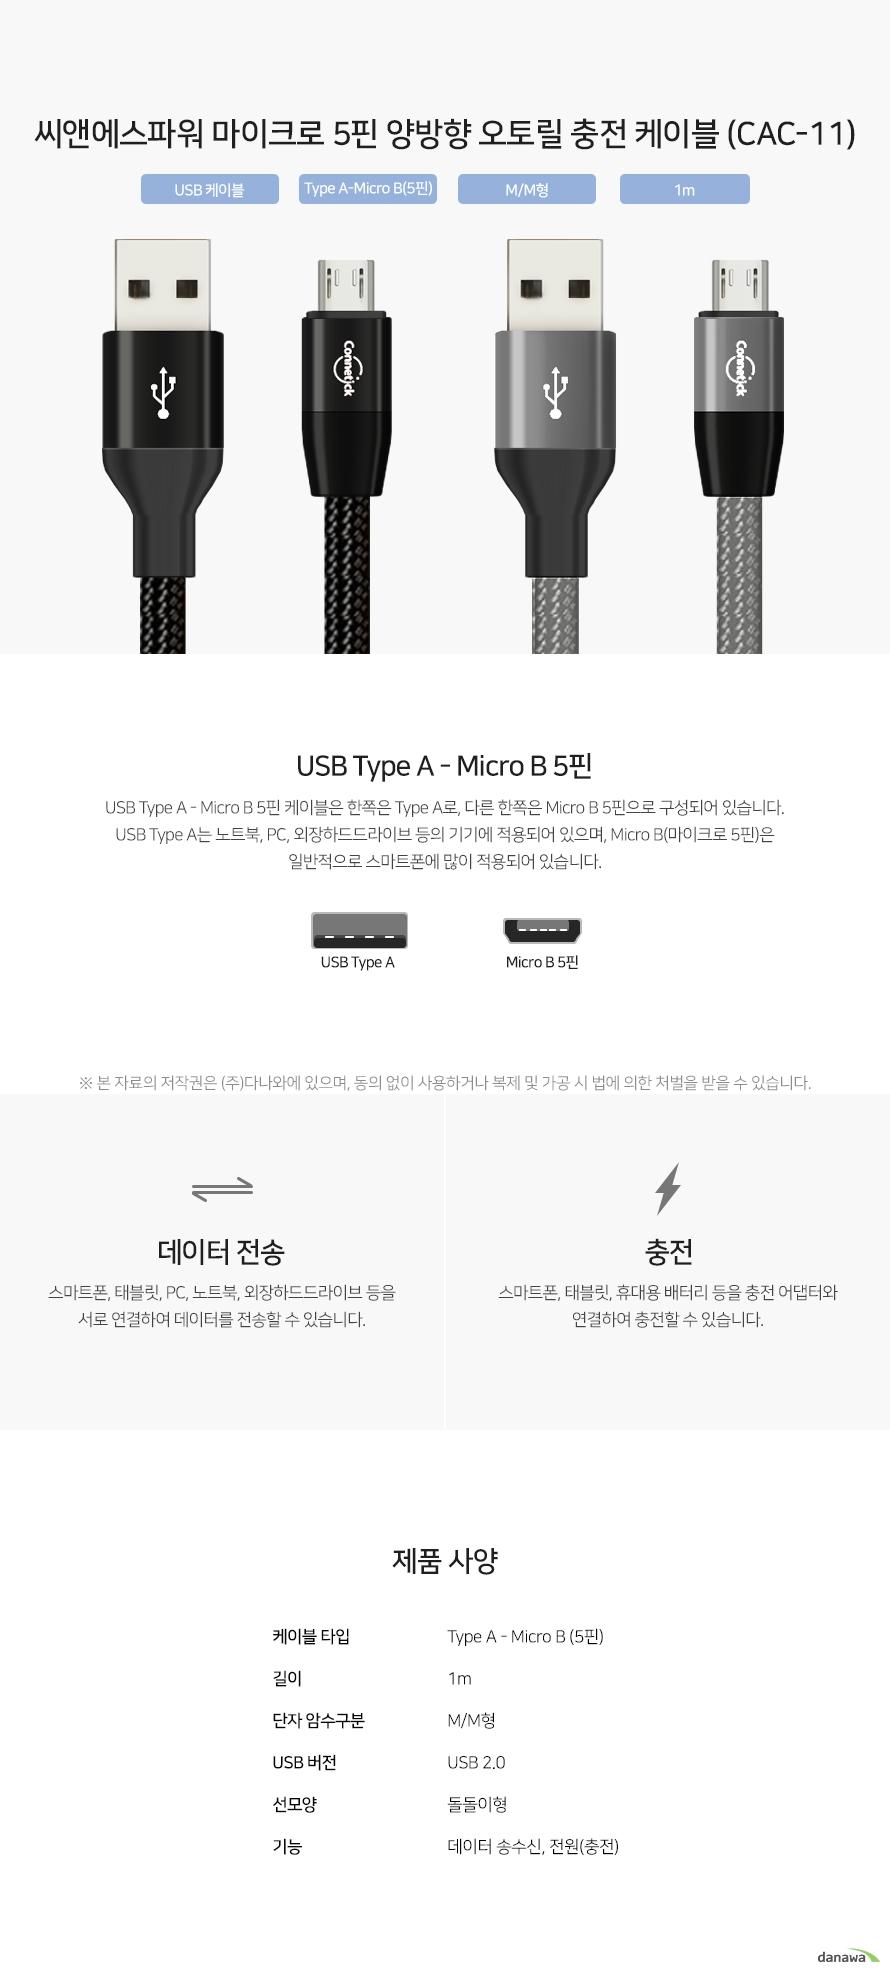 씨앤에스파워 마이크로 5핀 양방향 오토릴 충전 케이블 (CAC-11) USB Type A - Micro B 5핀 케이블은 한쪽은 Type A로, 다른 한쪽은 Micro B 5핀으로 구성되어 있습니다. USB Type A는 노트북, PC, 외장하드드라이브 등의 기기에 적용되어 있으며, Micro B(마이크로 5핀)은 일반적으로 스마트폰에 많이 적용되어 있습니다. 스마트폰, 태블릿, PC, 노트북, 외장하드드라이브 등을 서로 연결하여 데이터를 전송할 수 있습니다. 스마트폰, 태블릿, 휴대용 배터리 등을 충전 어댑터와 연결하여 충전할 수 있습니다.